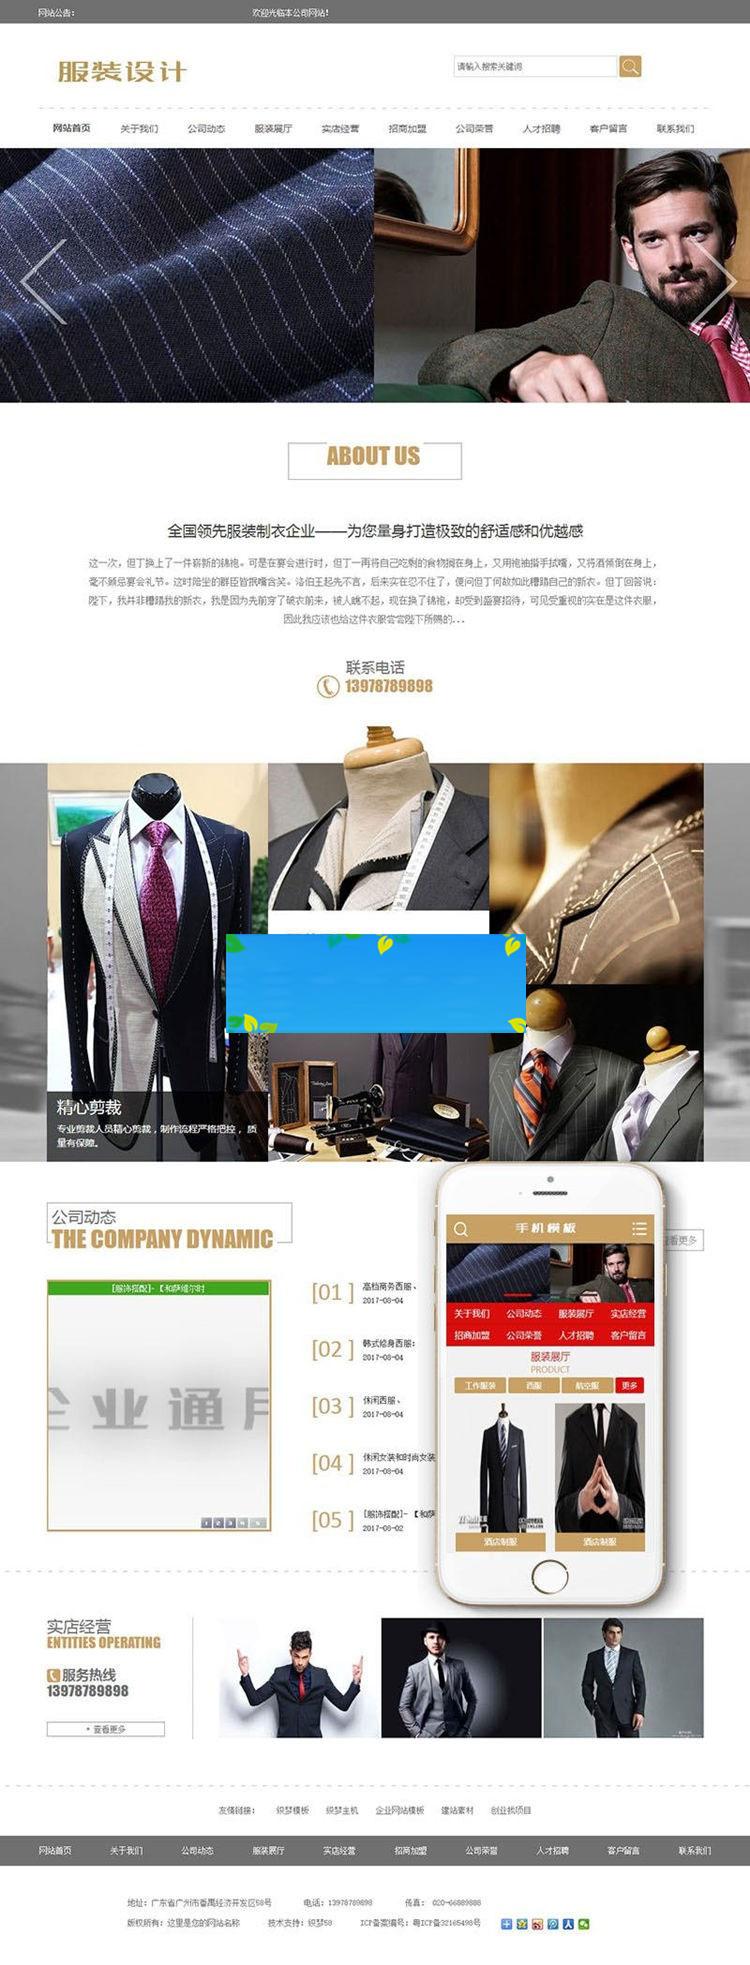 织梦dedecms服装设计展示企业网站模板(带手机移动端)